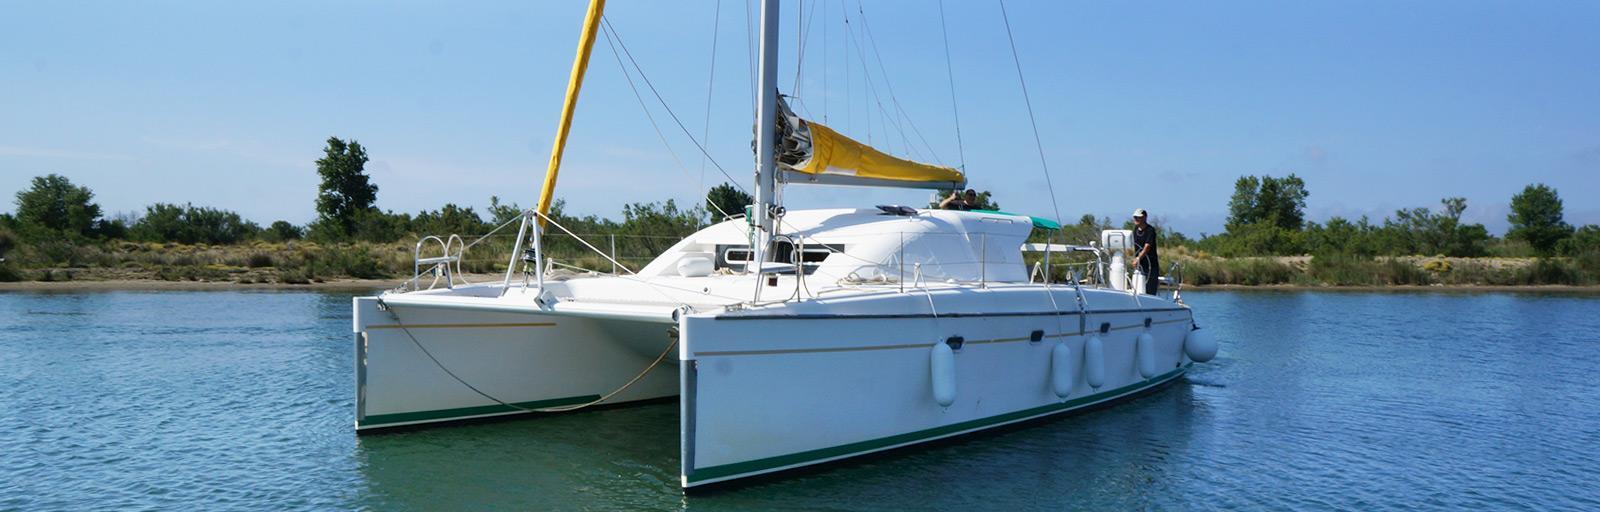 Nautitech 435 catamaran de croisière